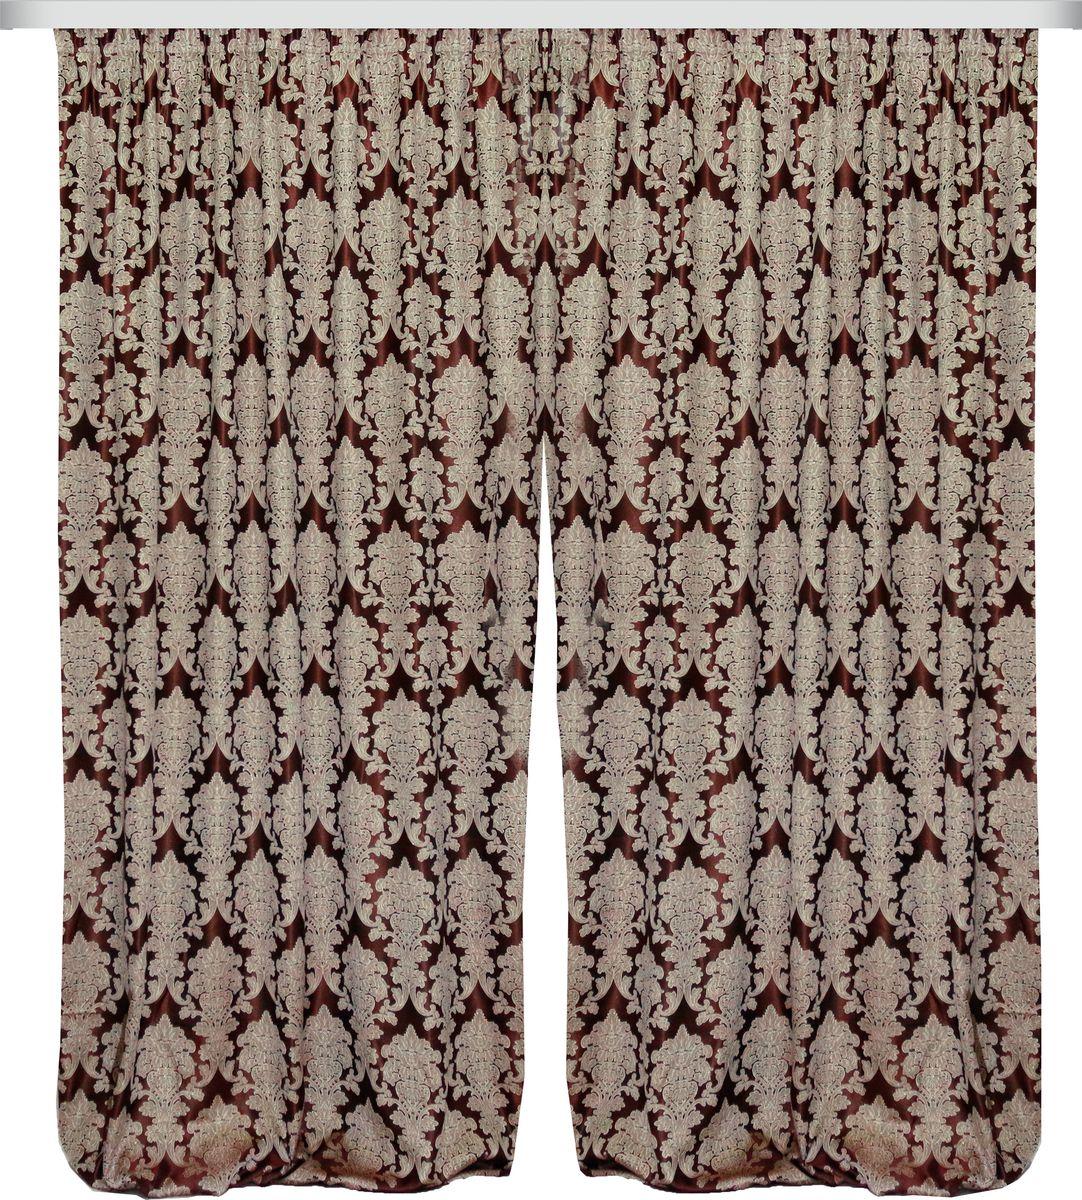 Комплект штор Zlata Korunka, на ленте, цвет: темно-бордовый, высота 270 см. 777089777089Роскошный комплект штор Zlata Korunka комплект состоит из двух штор, выполненных из 100% полиэстера, которыевеликолепно украсит любое окно. Плотная ткань, оригинальный орнамент и приятная цветовая гамма привлекут к себе внимание и органично впишутся в интерьерпомещения.Комплект крепится на карниз при помощи шторной ленты, которая поможеткрасиво и равномерно задрапировать верх. Этот комплект будет долгое время радовать вас и вашу семью!В комплект входит:Штора: 2 шт. Размер (ШхВ): 180 см х 270 см.